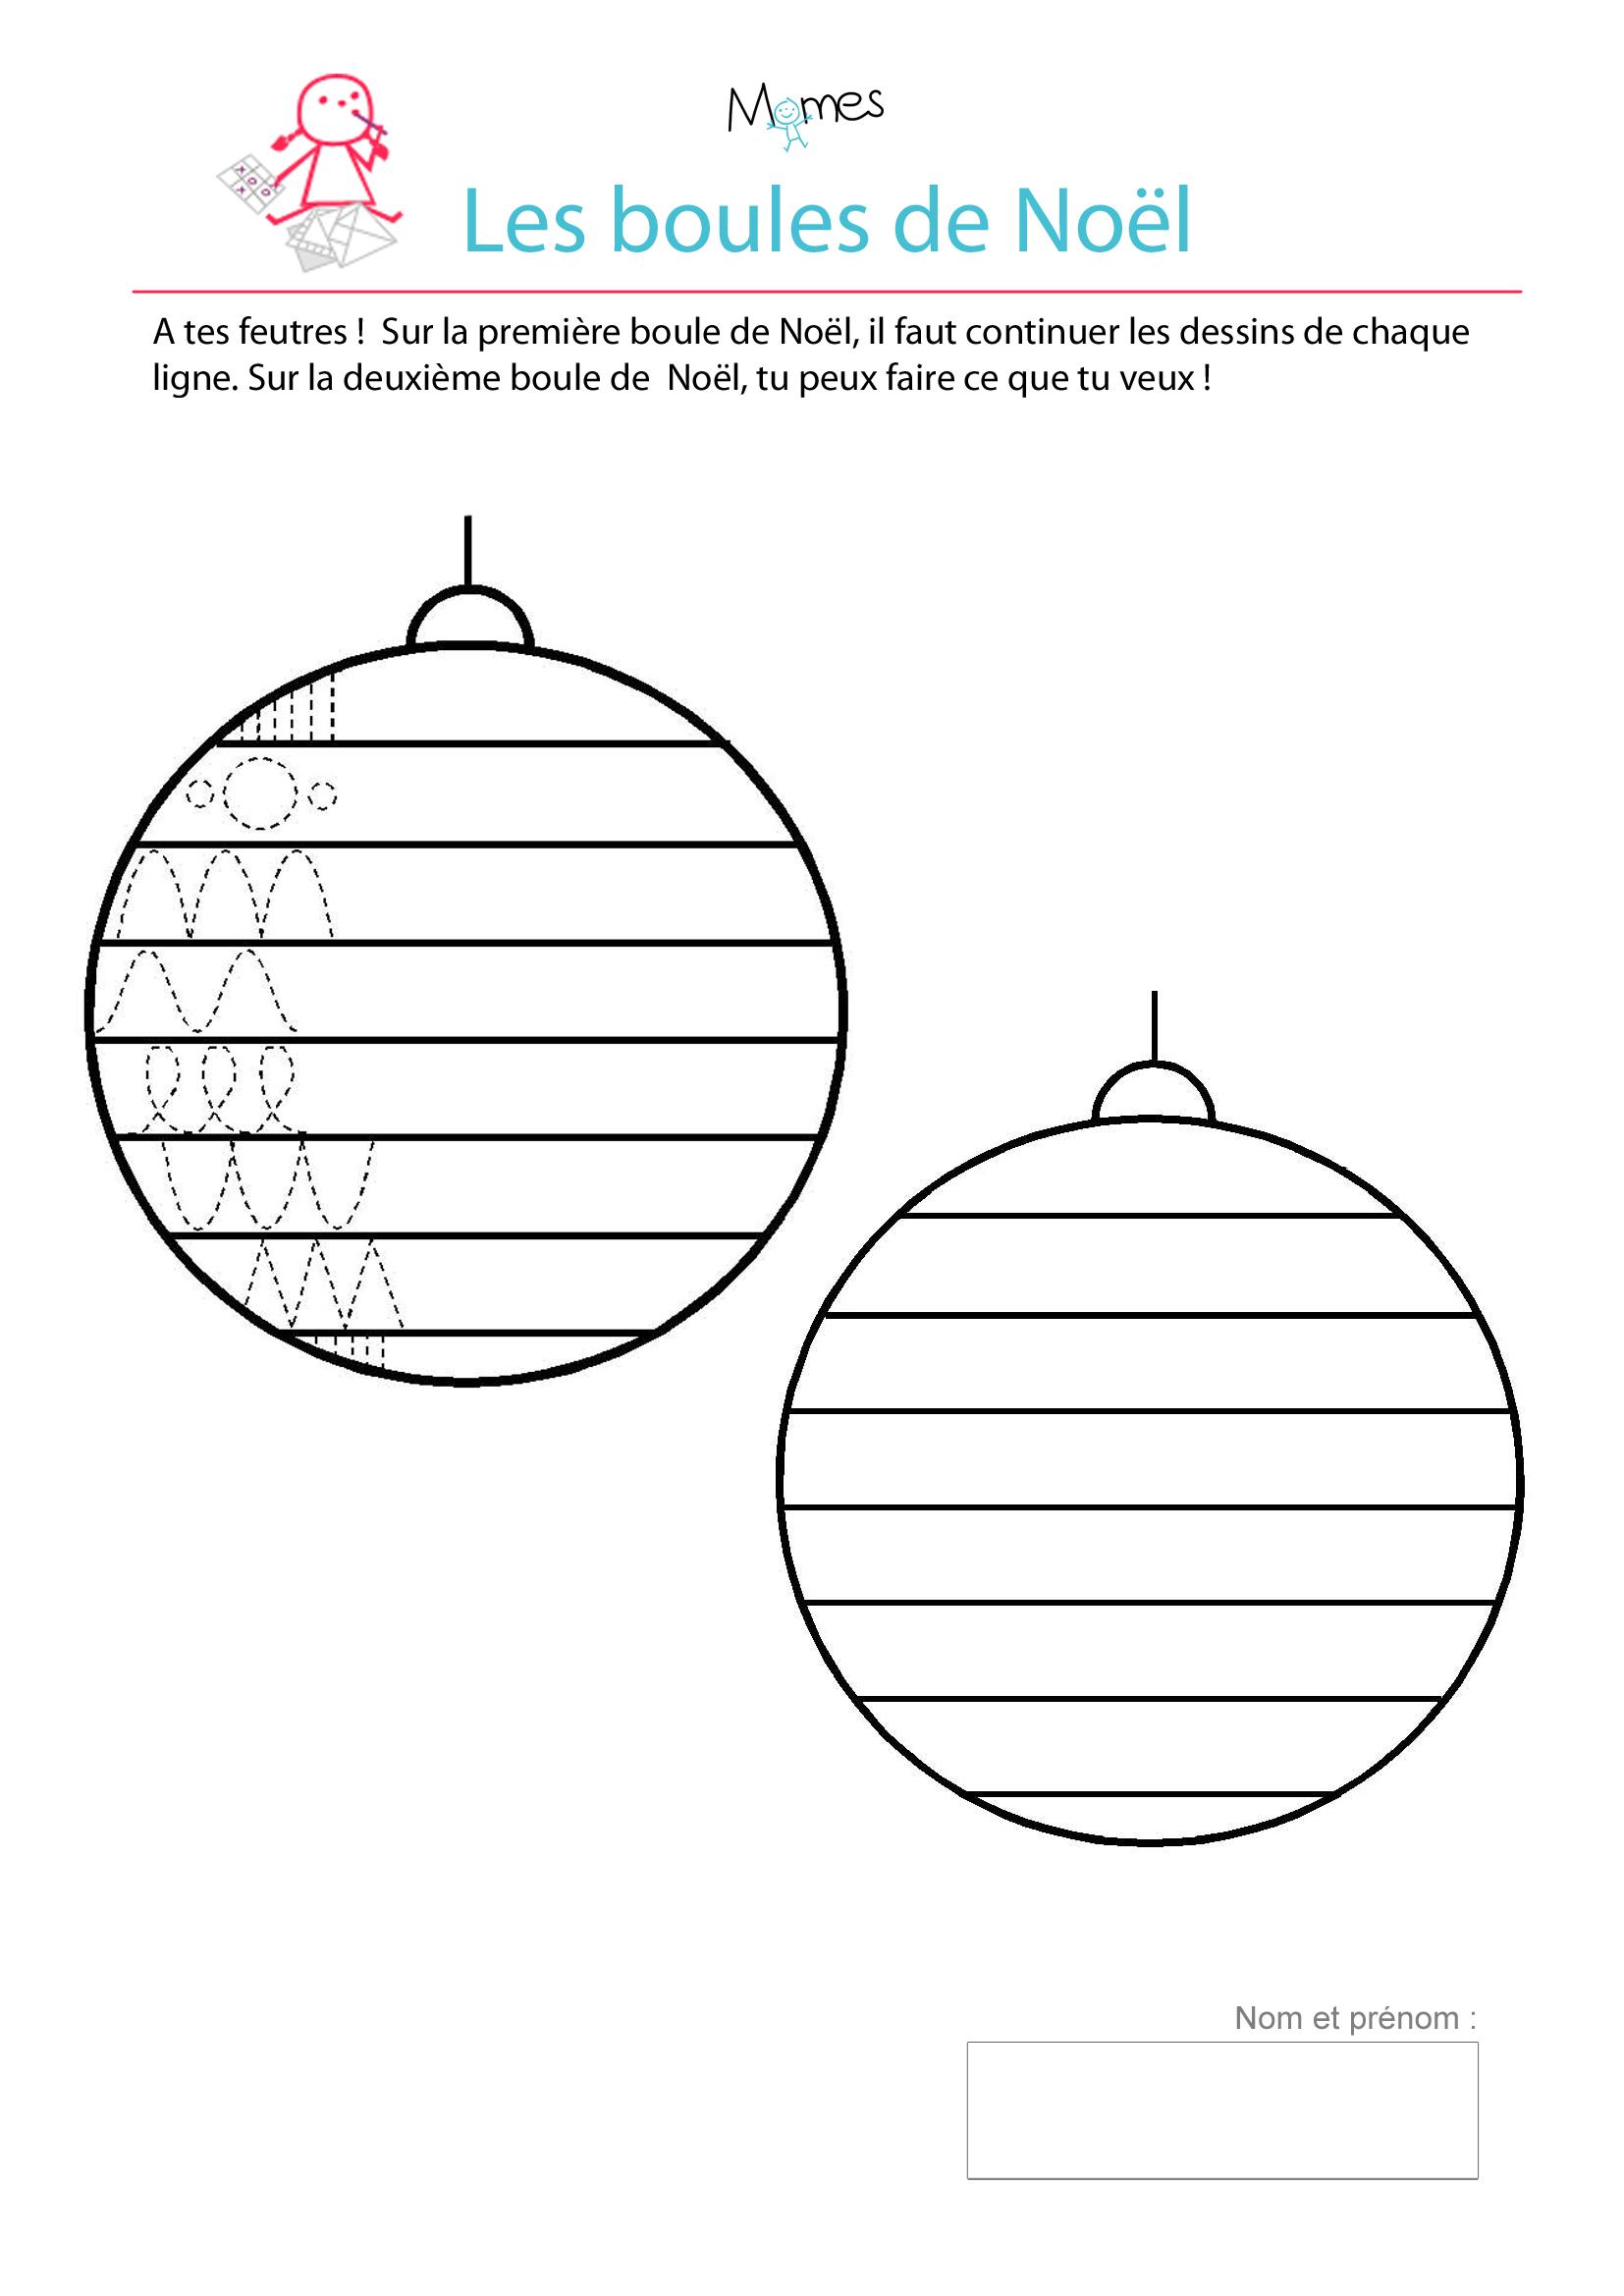 Décore Les Boules De Noël - Exercice De Tracé - Momes encequiconcerne Exercice De Gs A Imprimer